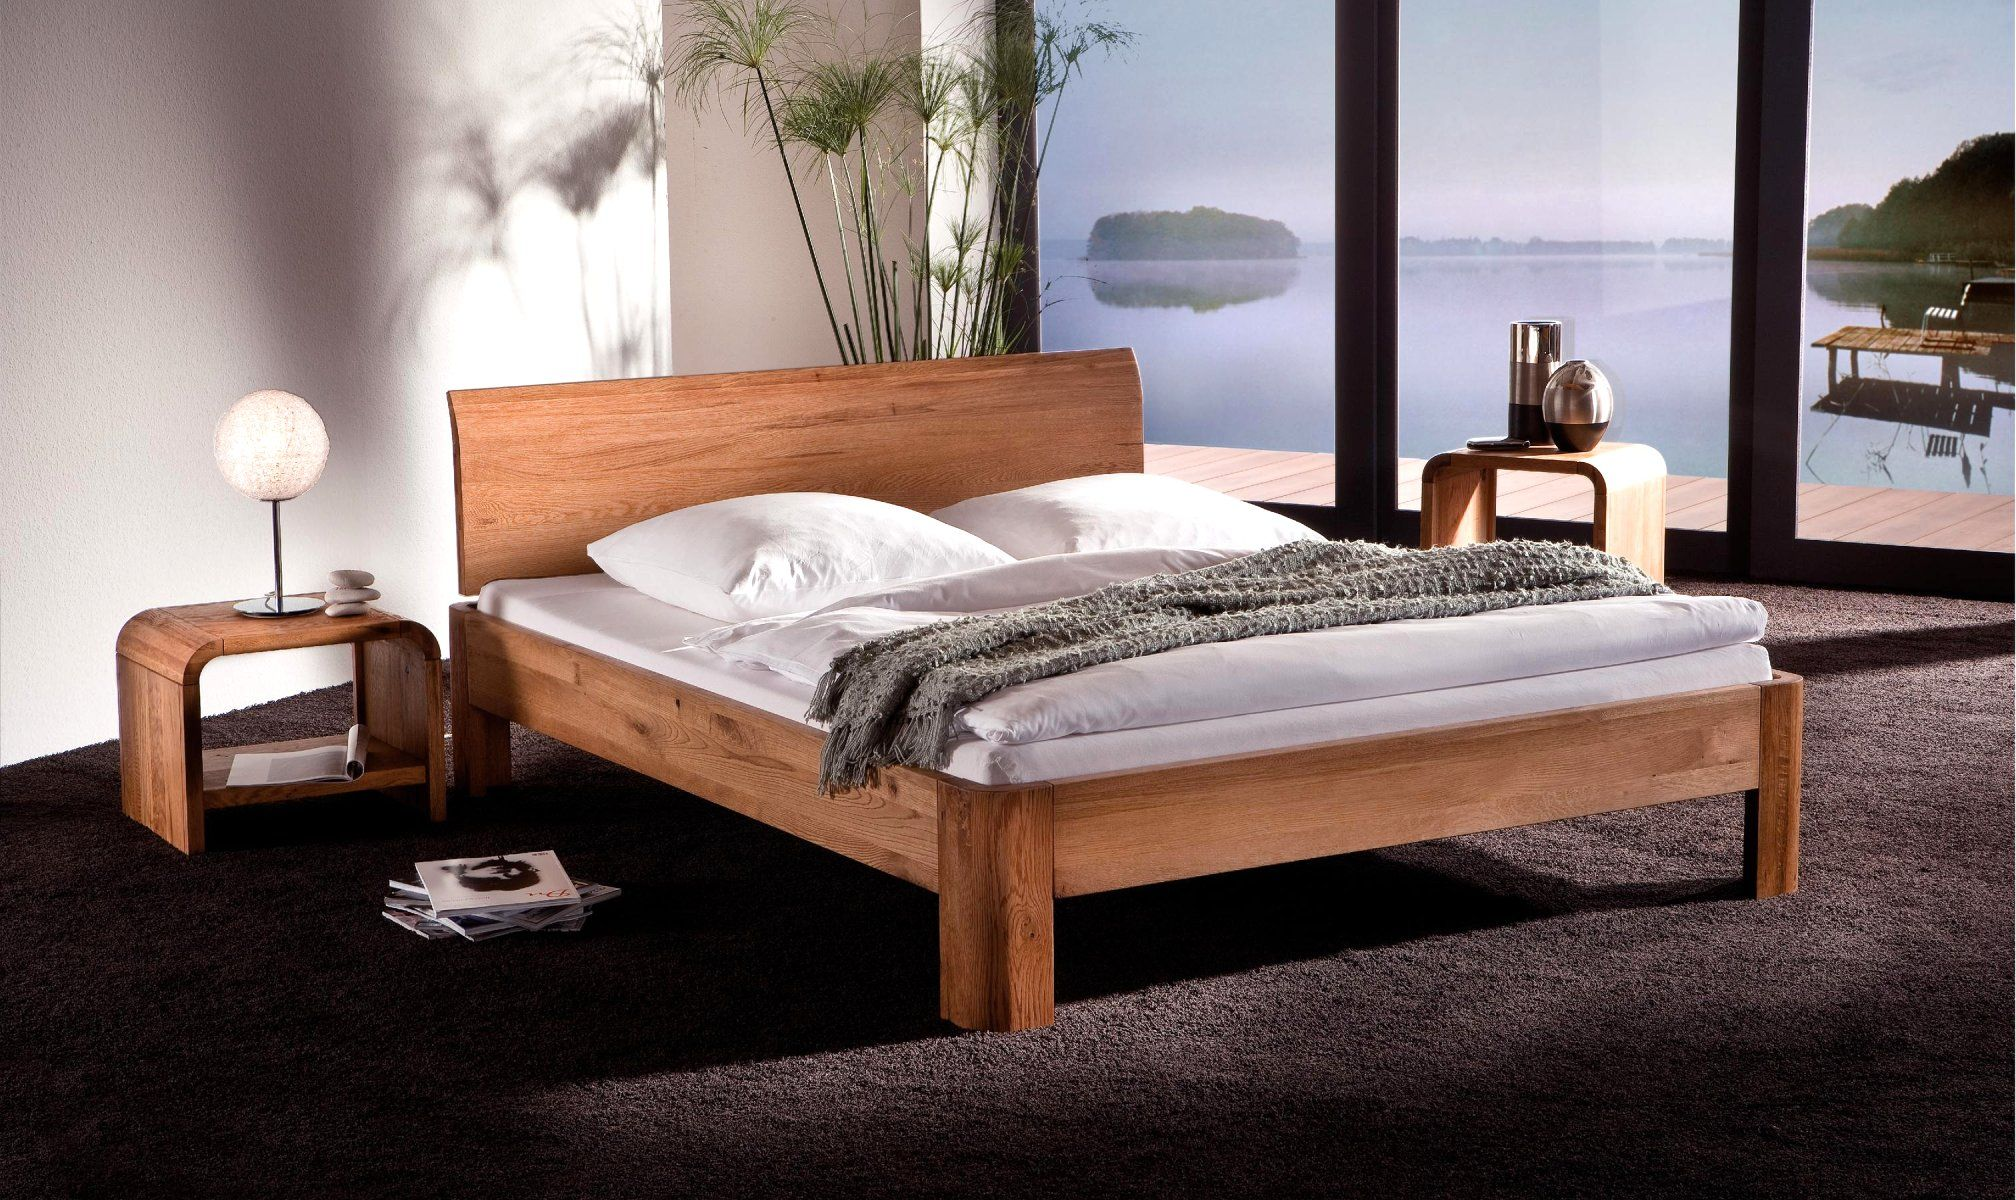 hasena oak line met hoofdbord lisio en bedpoten ronda